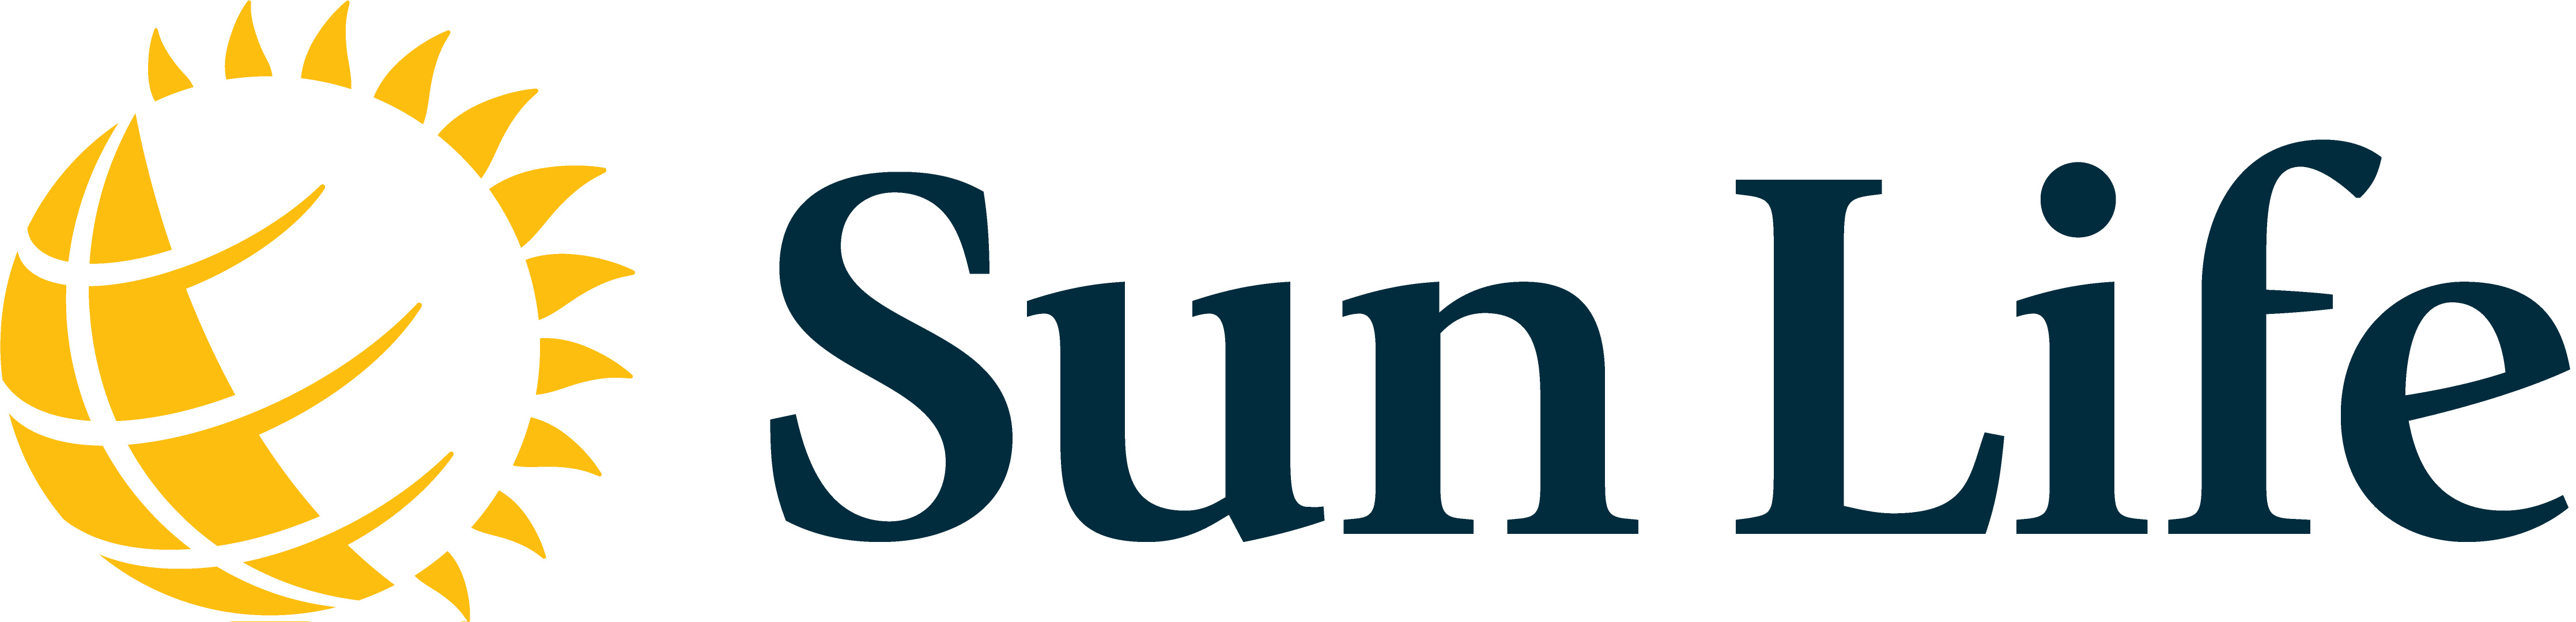 Financière Sun Life